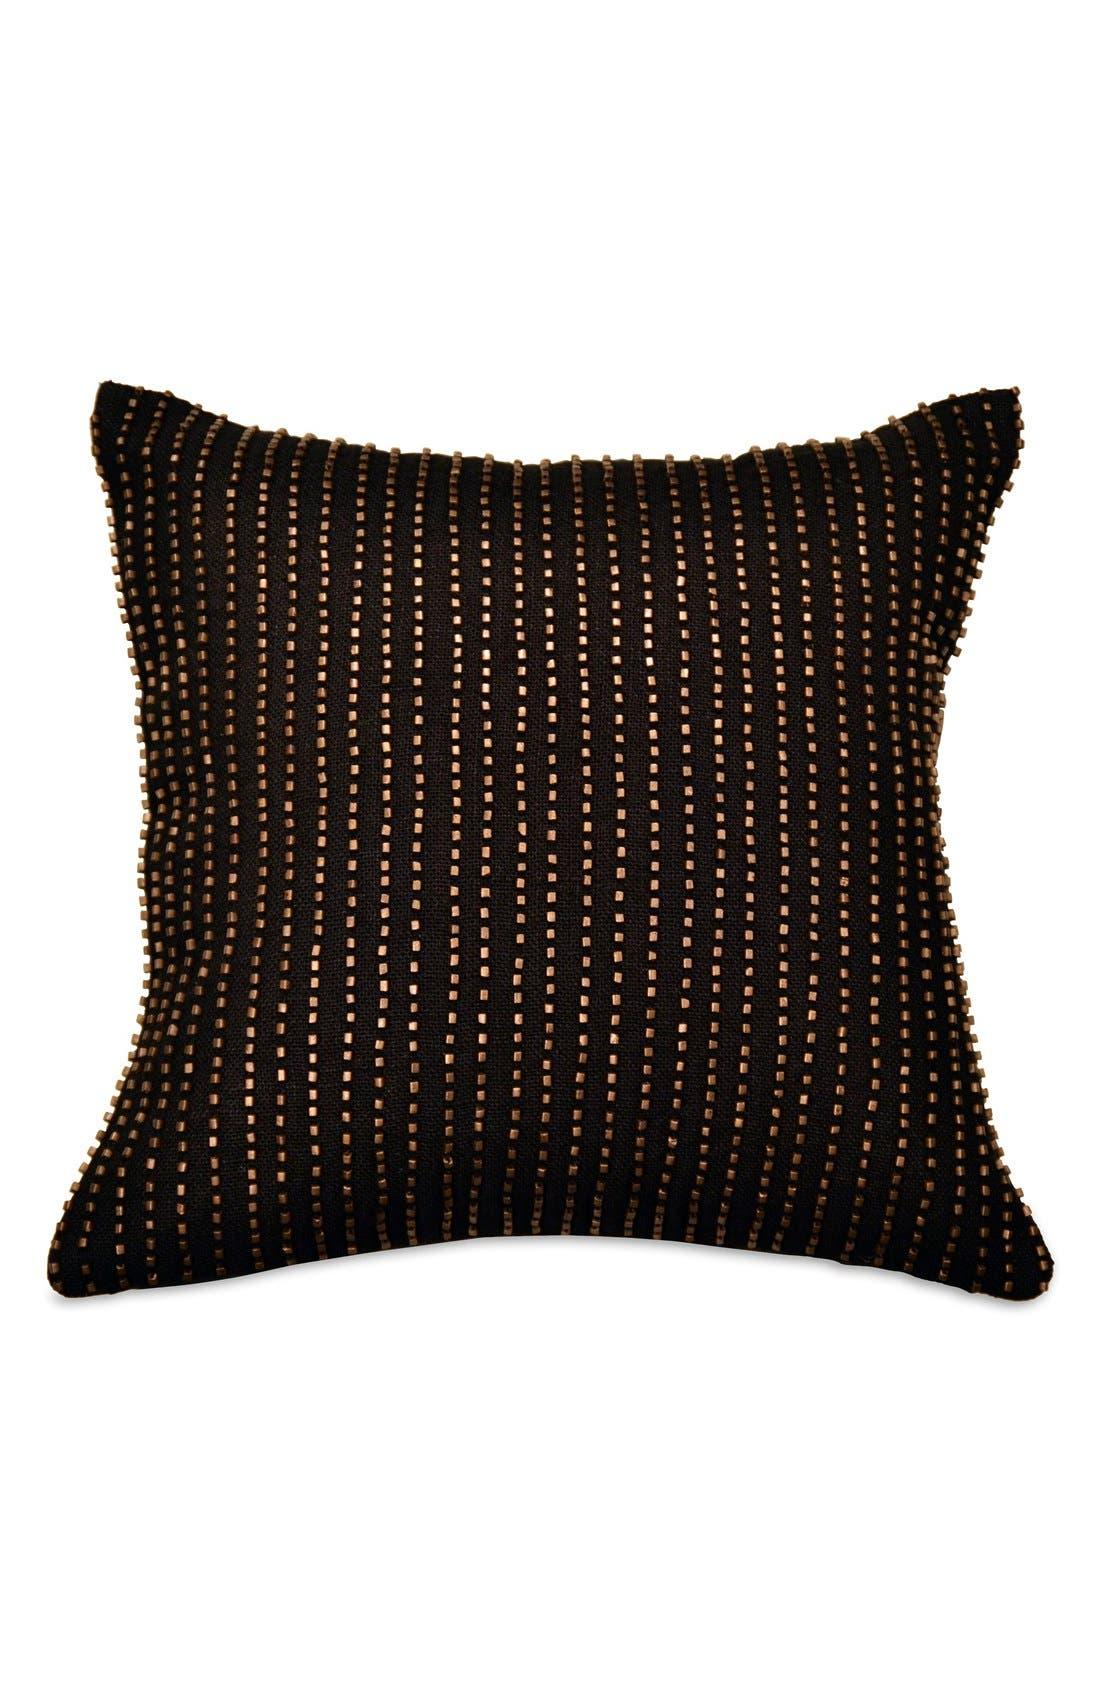 Alternate Image 1 Selected - Donna Karan Collection Metallic Beaded Pillow